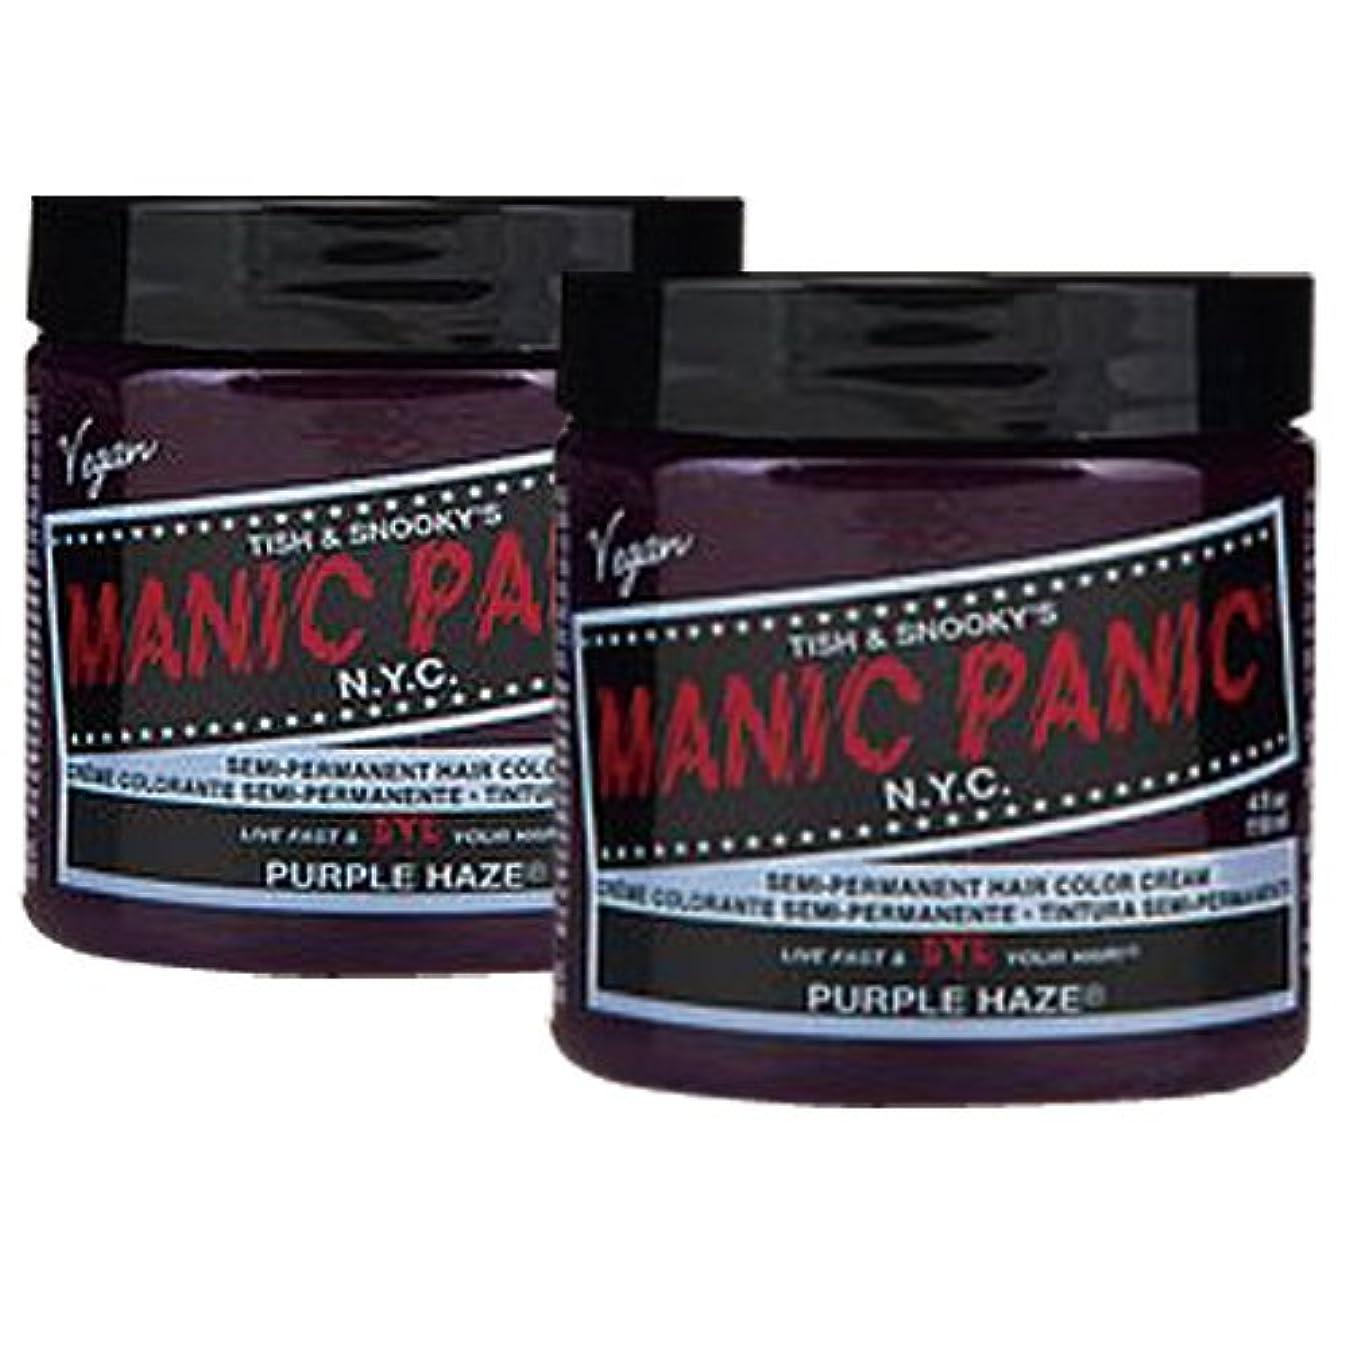 損失広げる場合【2個セット】MANIC PANIC マニックパニック Purple Haze パープルヘイズ 118m